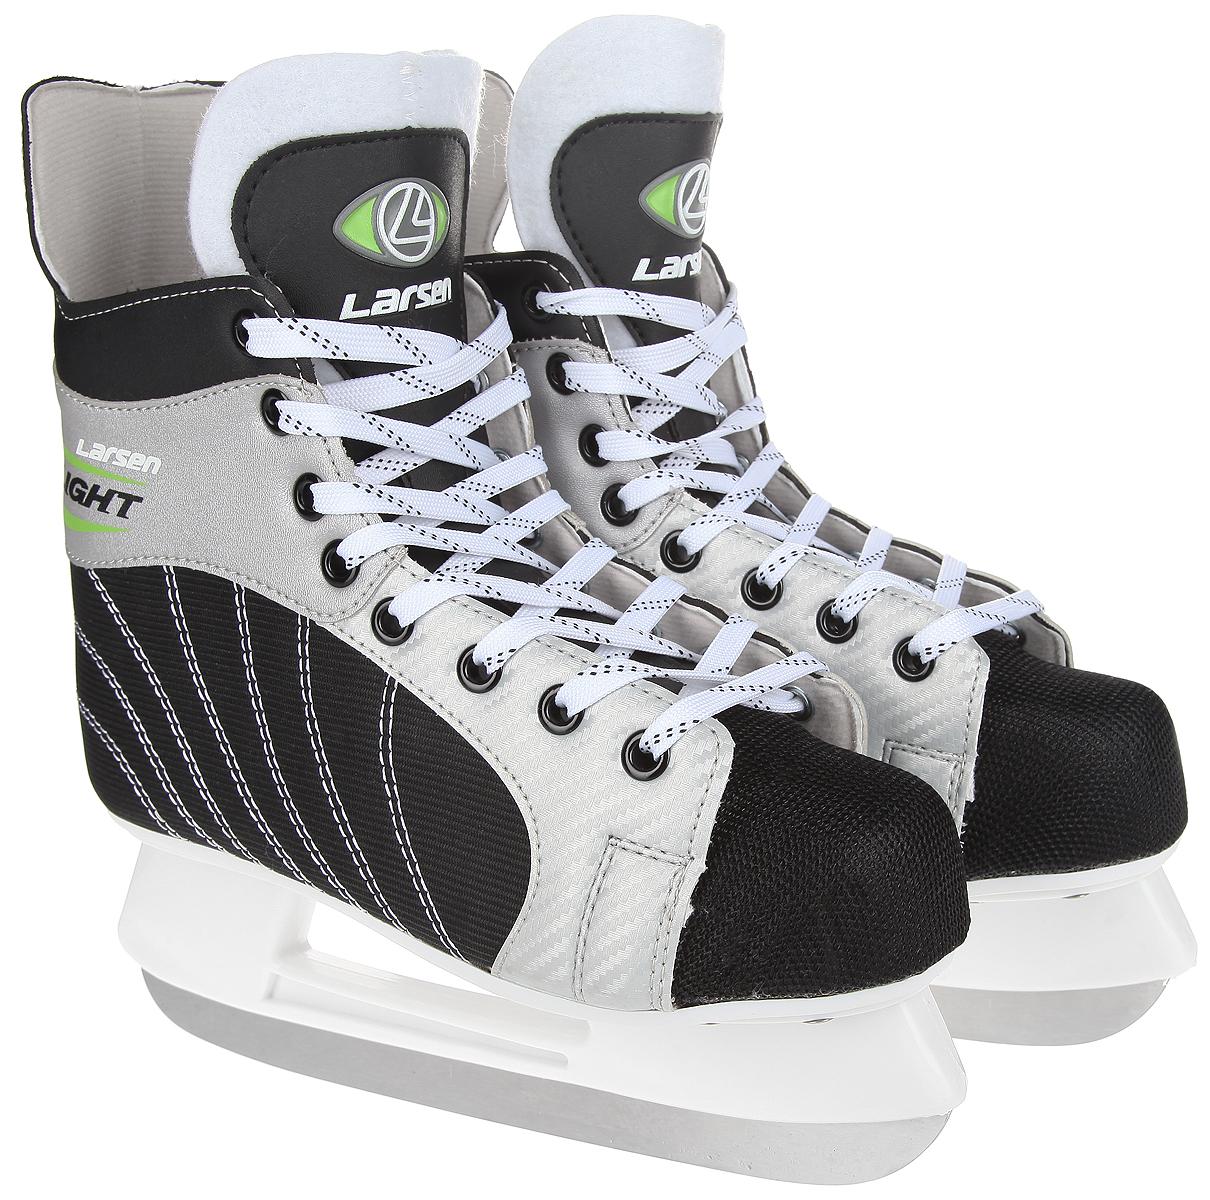 Коньки хоккейные мужские Larsen Light, цвет: черный, серебристый, белый. Размер 39LightСтильные коньки Light от Larsen прекрасно подойдут для начинающих игроков в хоккей. Ботиноквыполнен из нейлона со вставками из морозоустойчивого поливинилхлорида. Мыс выполнен изполипропилена, покрытого сетчатым нейлоном, который защитит ноги от ударов. Внутреннийслой изготовлен из материала Cambrelle, который обладает высокой гигроскопичностью ивоздухопроницаемостью, имеет высокую степень устойчивости к истиранию, приятен на ощупь,быстро высыхает. Язычок из войлока обеспечивает дополнительное тепло. Плотная шнуровканадежно фиксирует модель на ноге. Голеностоп имеет удобный суппорт. Стелька из EVA стекстильной поверхностью обеспечит комфортное катание. Стойка выполнена изударопрочного пластика. Лезвие из нержавеющей стали обеспечит превосходное скольжение.В комплект входят пластиковые чехлы для лезвия. Рекомендуемая температураиспользования: до -20°C.